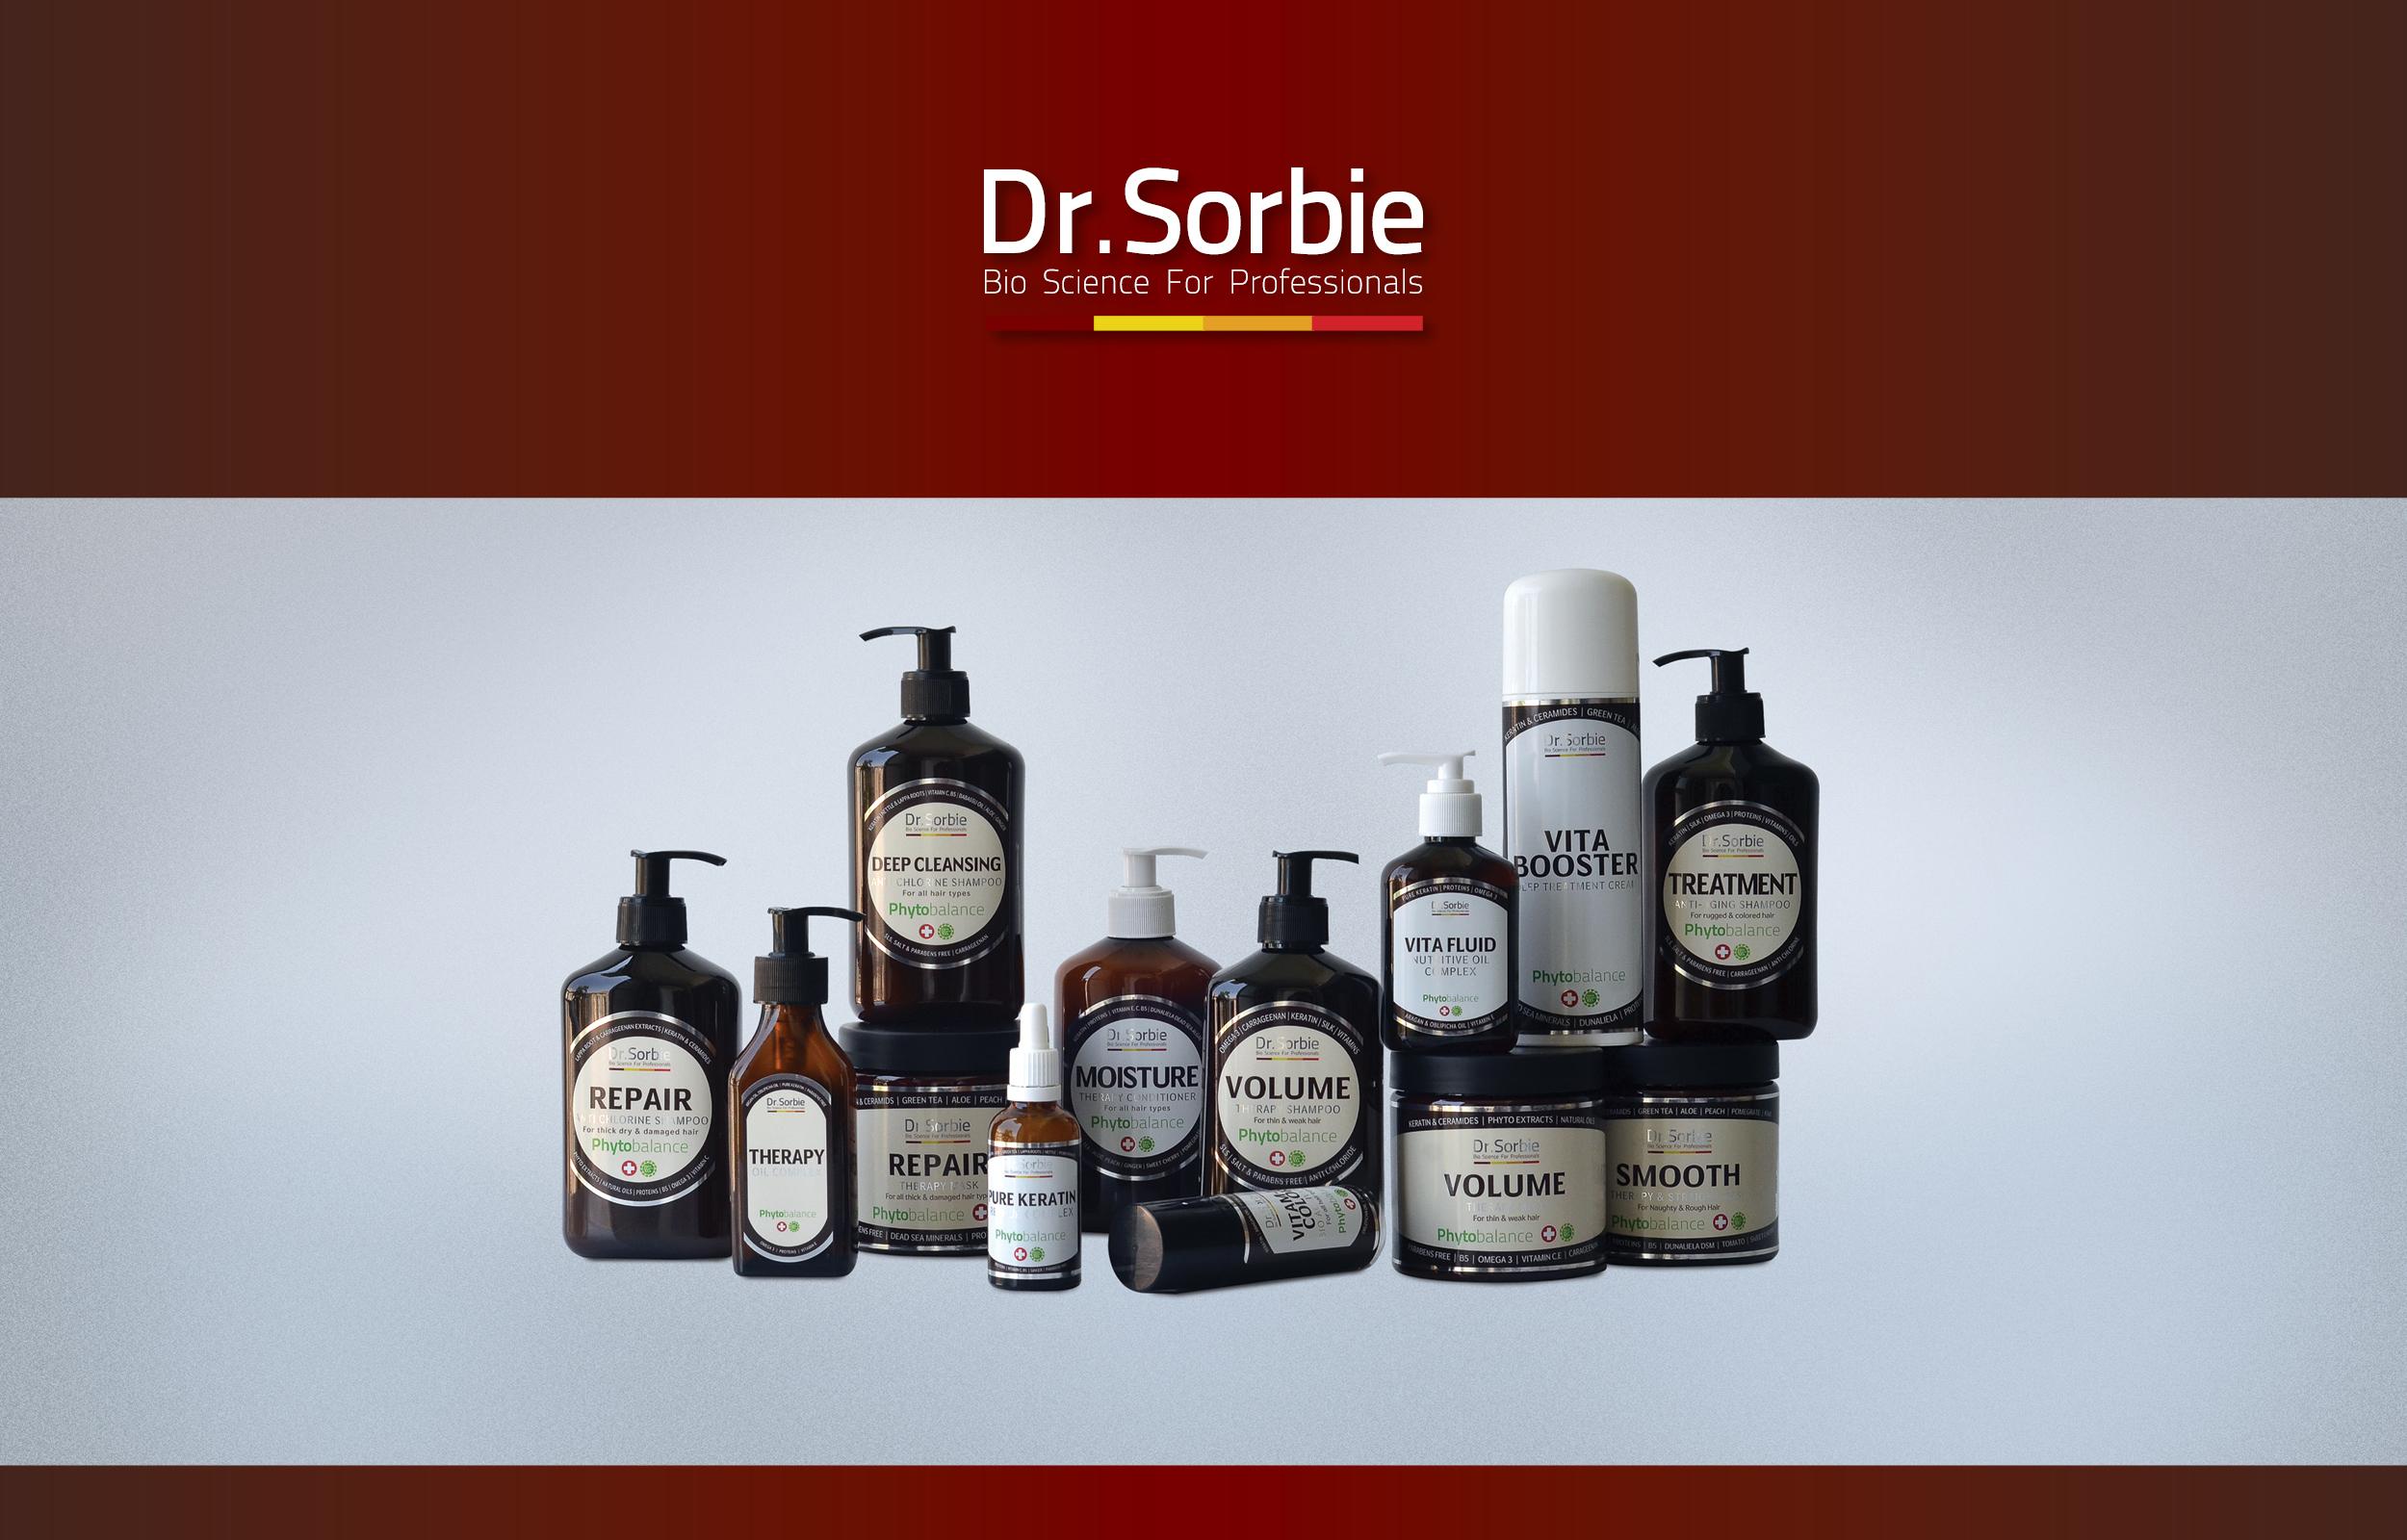 Shir Andrey PW 2016 2000x1280 Dr Sorbie Muzarim